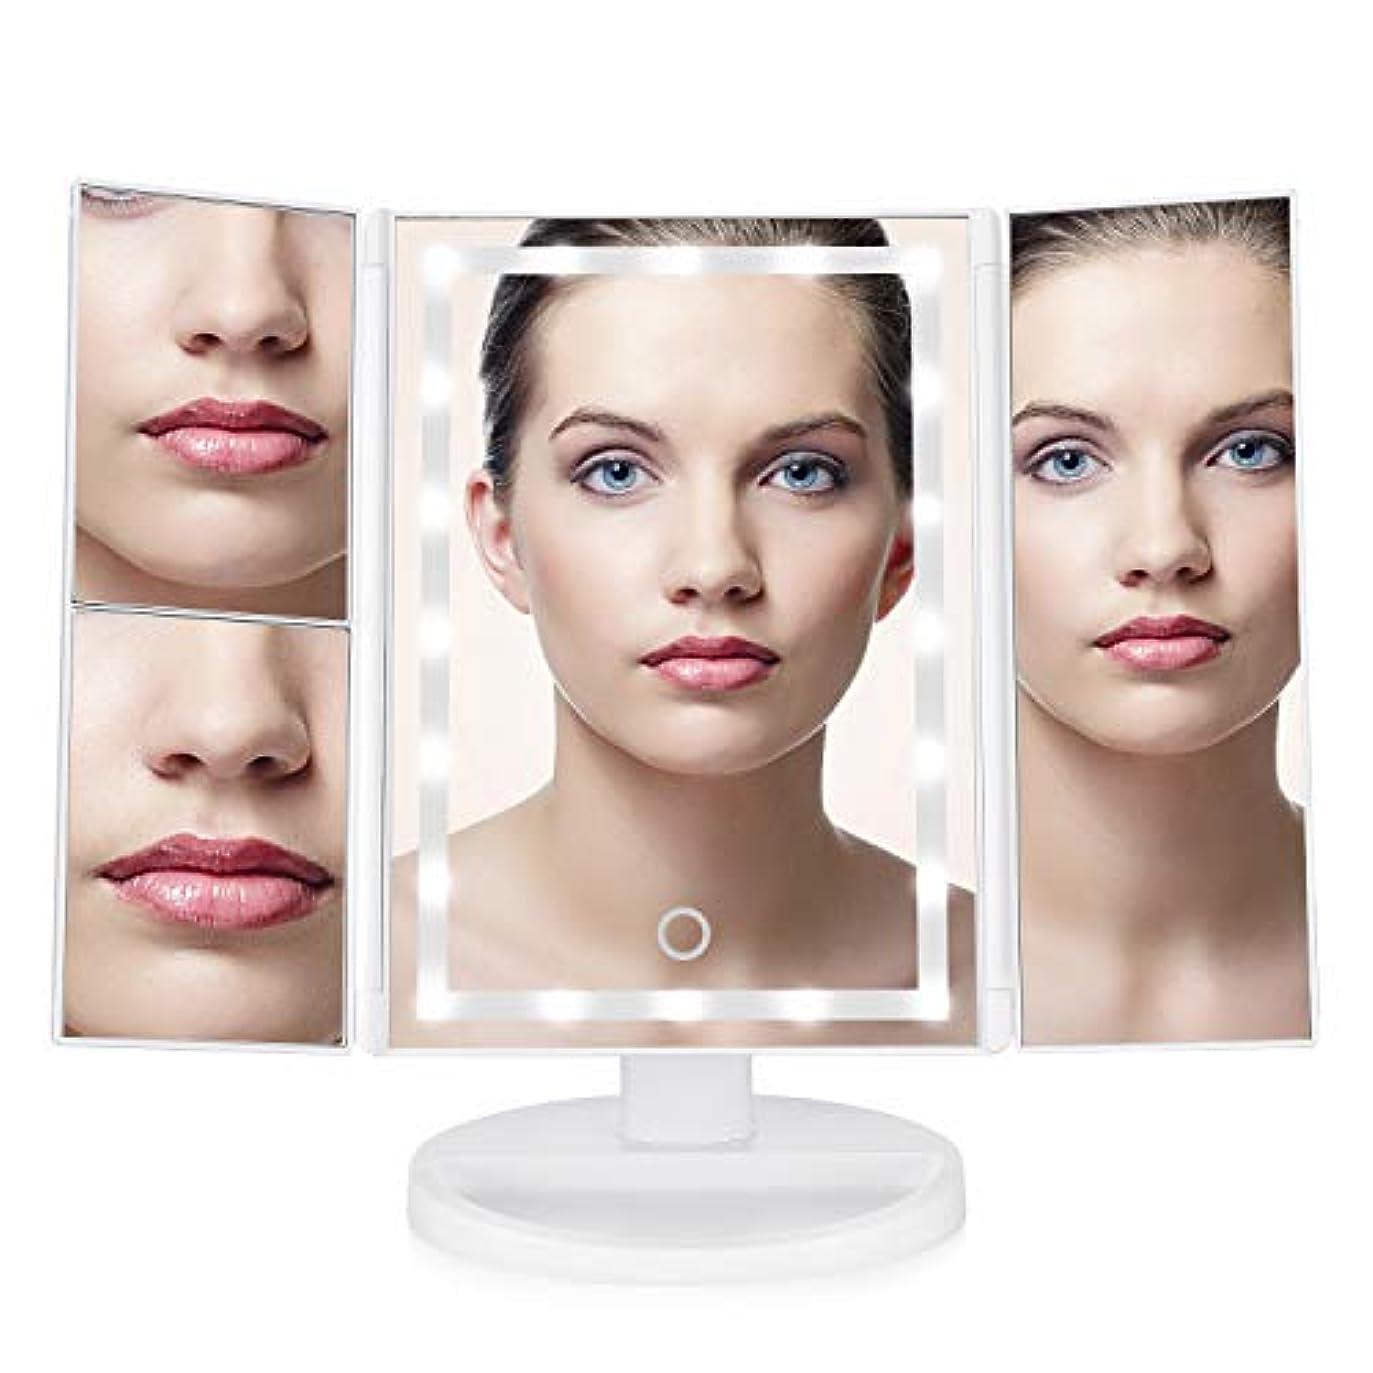 マークされた彼女自身派生する化粧鏡 化粧ミラー 鏡 三面鏡 女優ミラー 卓上 折りたたみ 拡大鏡 2&3倍 ライトの明るさを調節可能 180°回転